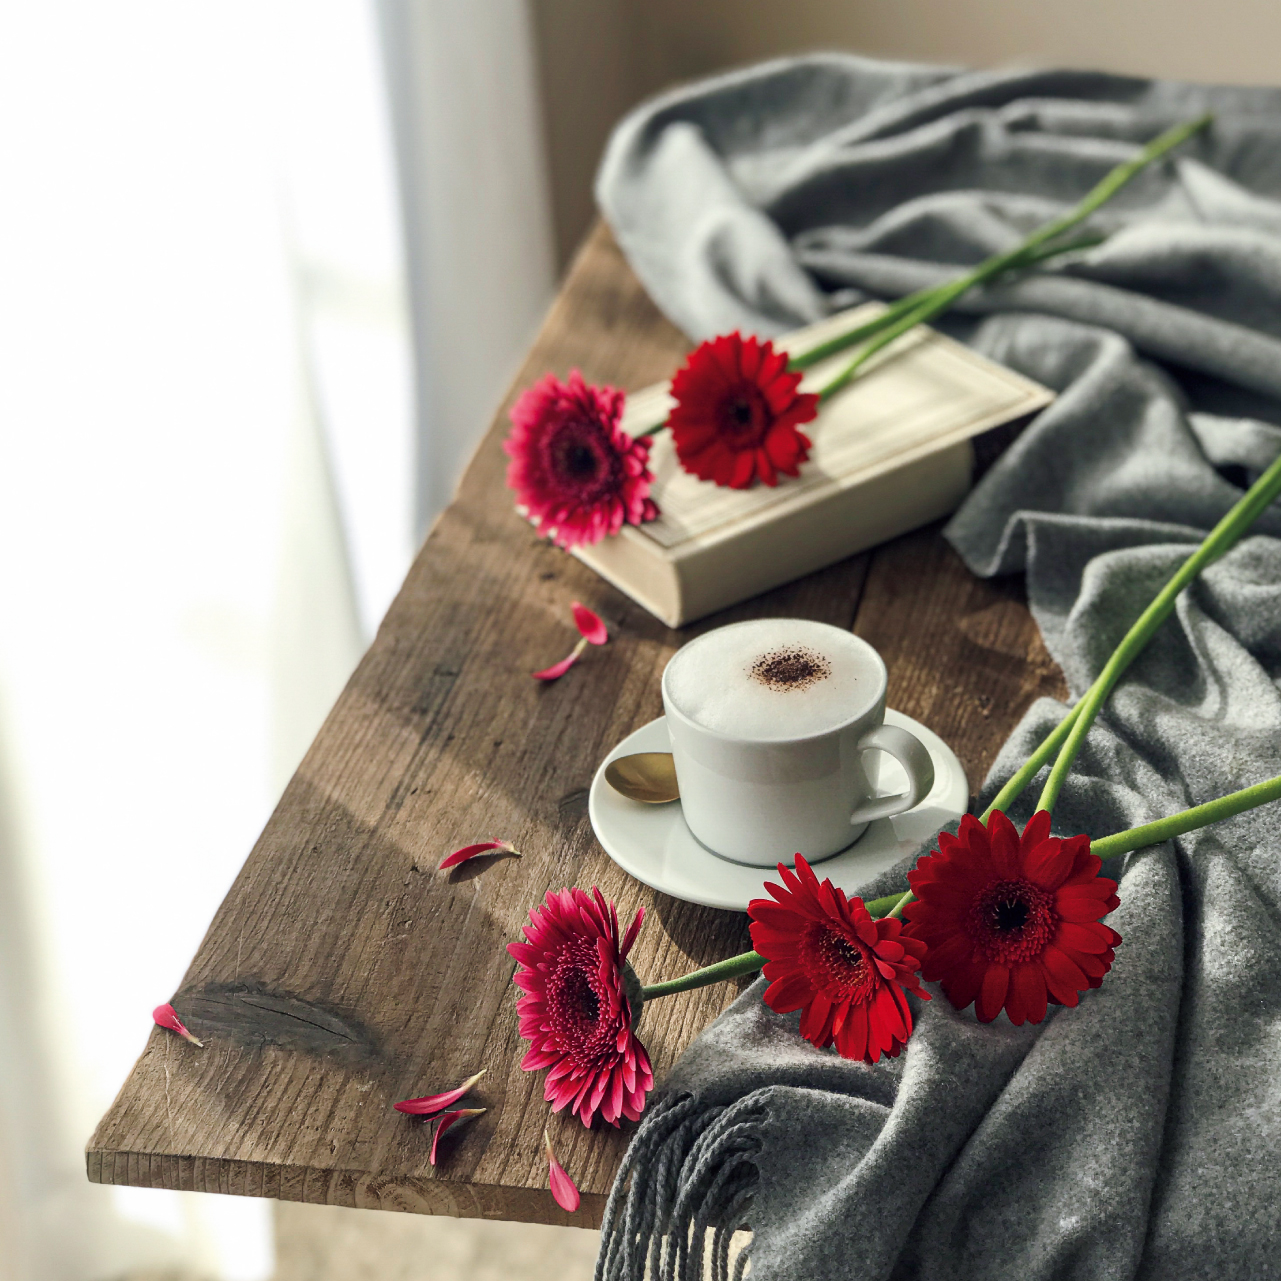 テーブルに飲み物と花と本が置かれたイメージ画像